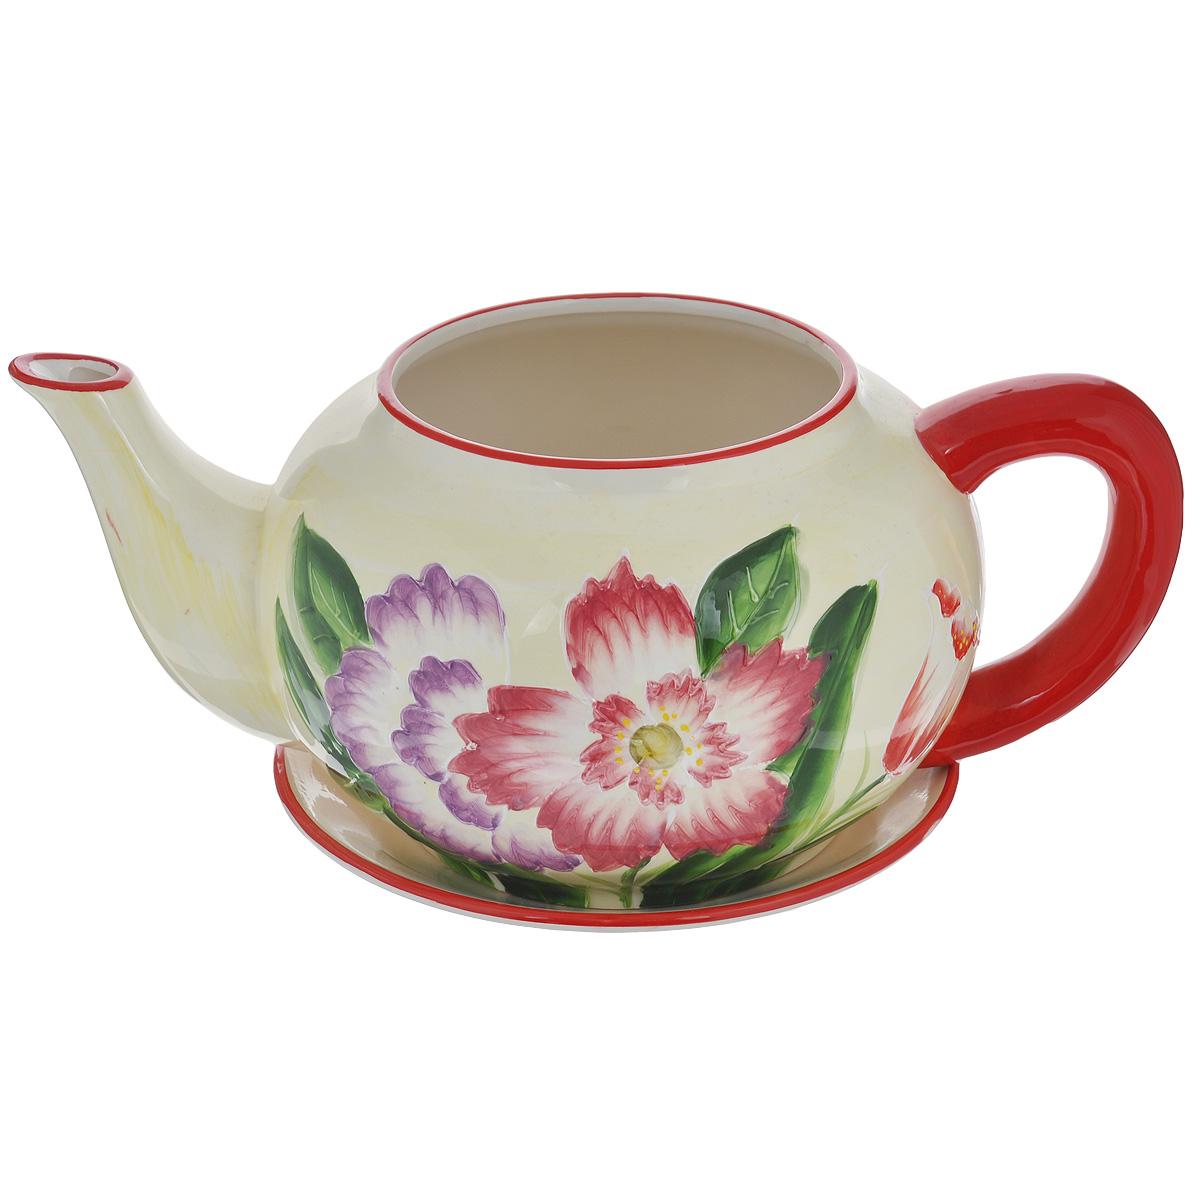 Кашпо Lillo Яркие цветы, с поддоном. XY10S012CXY10S012CКашпо-горшок для цветов Lillo Яркие цветы выполнен из прочной керамики в виде заварочного чайника с блюдцем. Изделие предназначено для цветов. Такие изделия часто становятся последним штрихом, который совершенно изменяет интерьер помещения или ландшафтный дизайн сада. Благодаря такому кашпо вы сможете украсить вашу комнату, офис, сад и другие места. Изделие оснащено специальным поддоном - блюдцем. Диаметр кашпо по верхнему краю: 14,5 см. Высота кашпо (без учета поддона): 16 см. Диаметр поддона: 23 см.